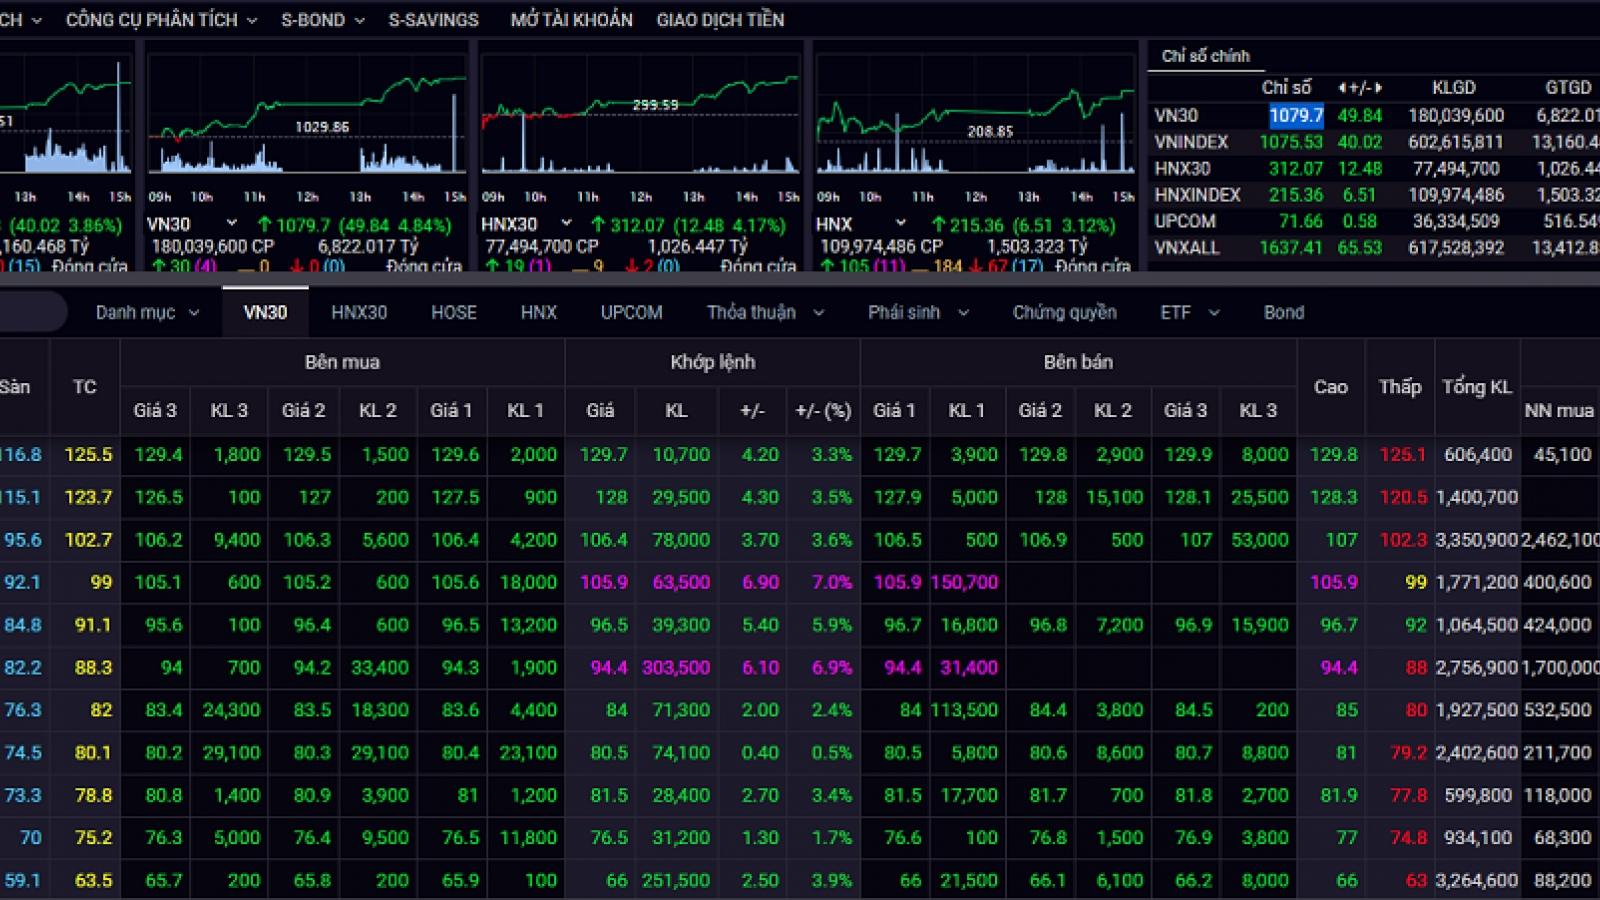 Thị trường chứng khoán hồi phục tích cực, VN-Index tăng mạnh